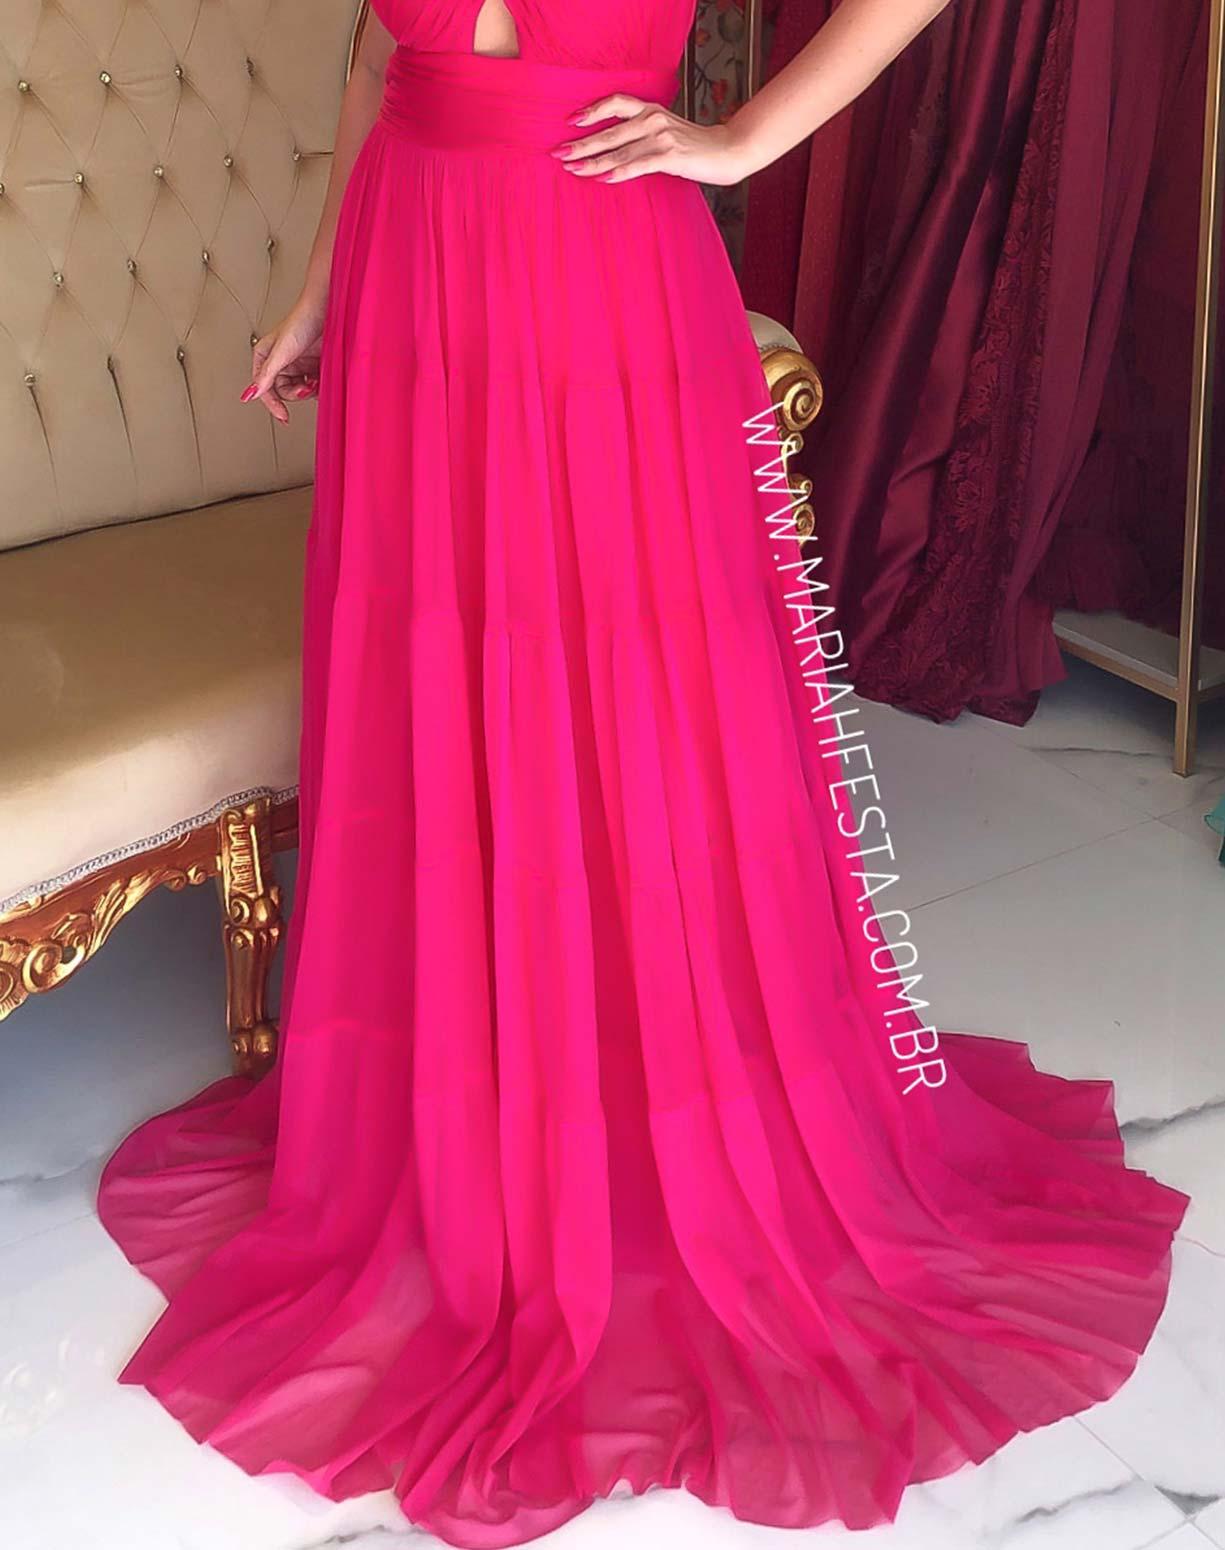 Vestido Pink em Tule com Alças Transpassadas